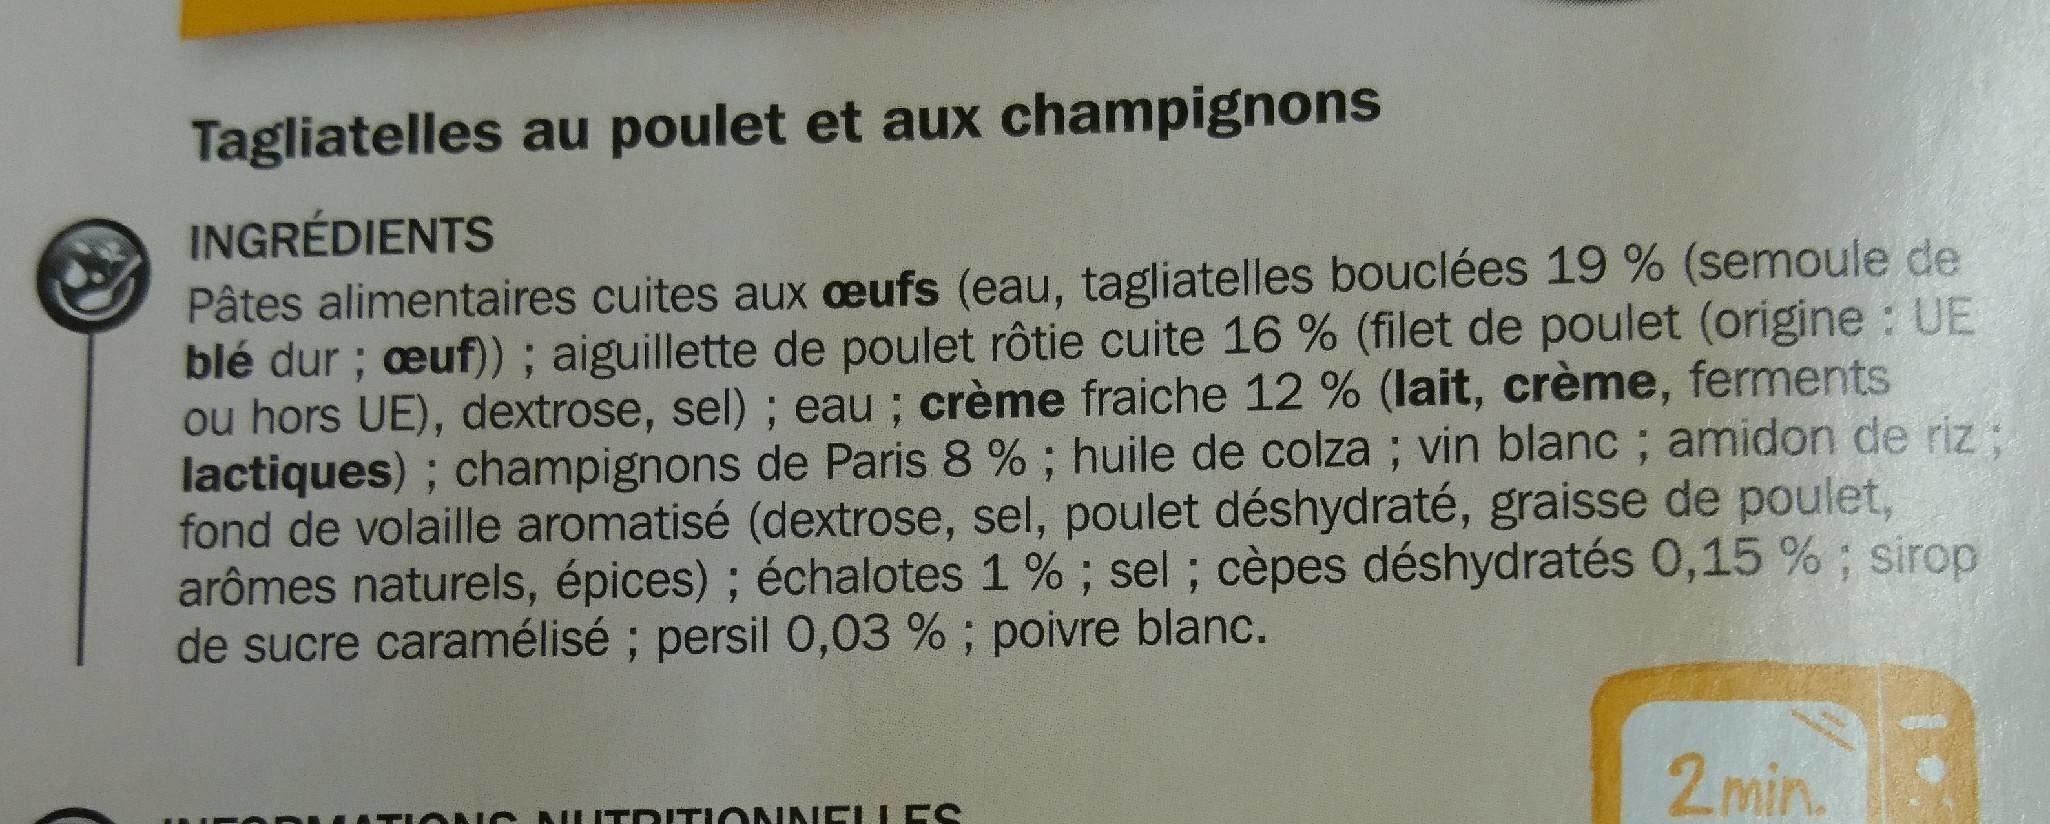 Tagliatelles poulet champignon - Ingredients - fr